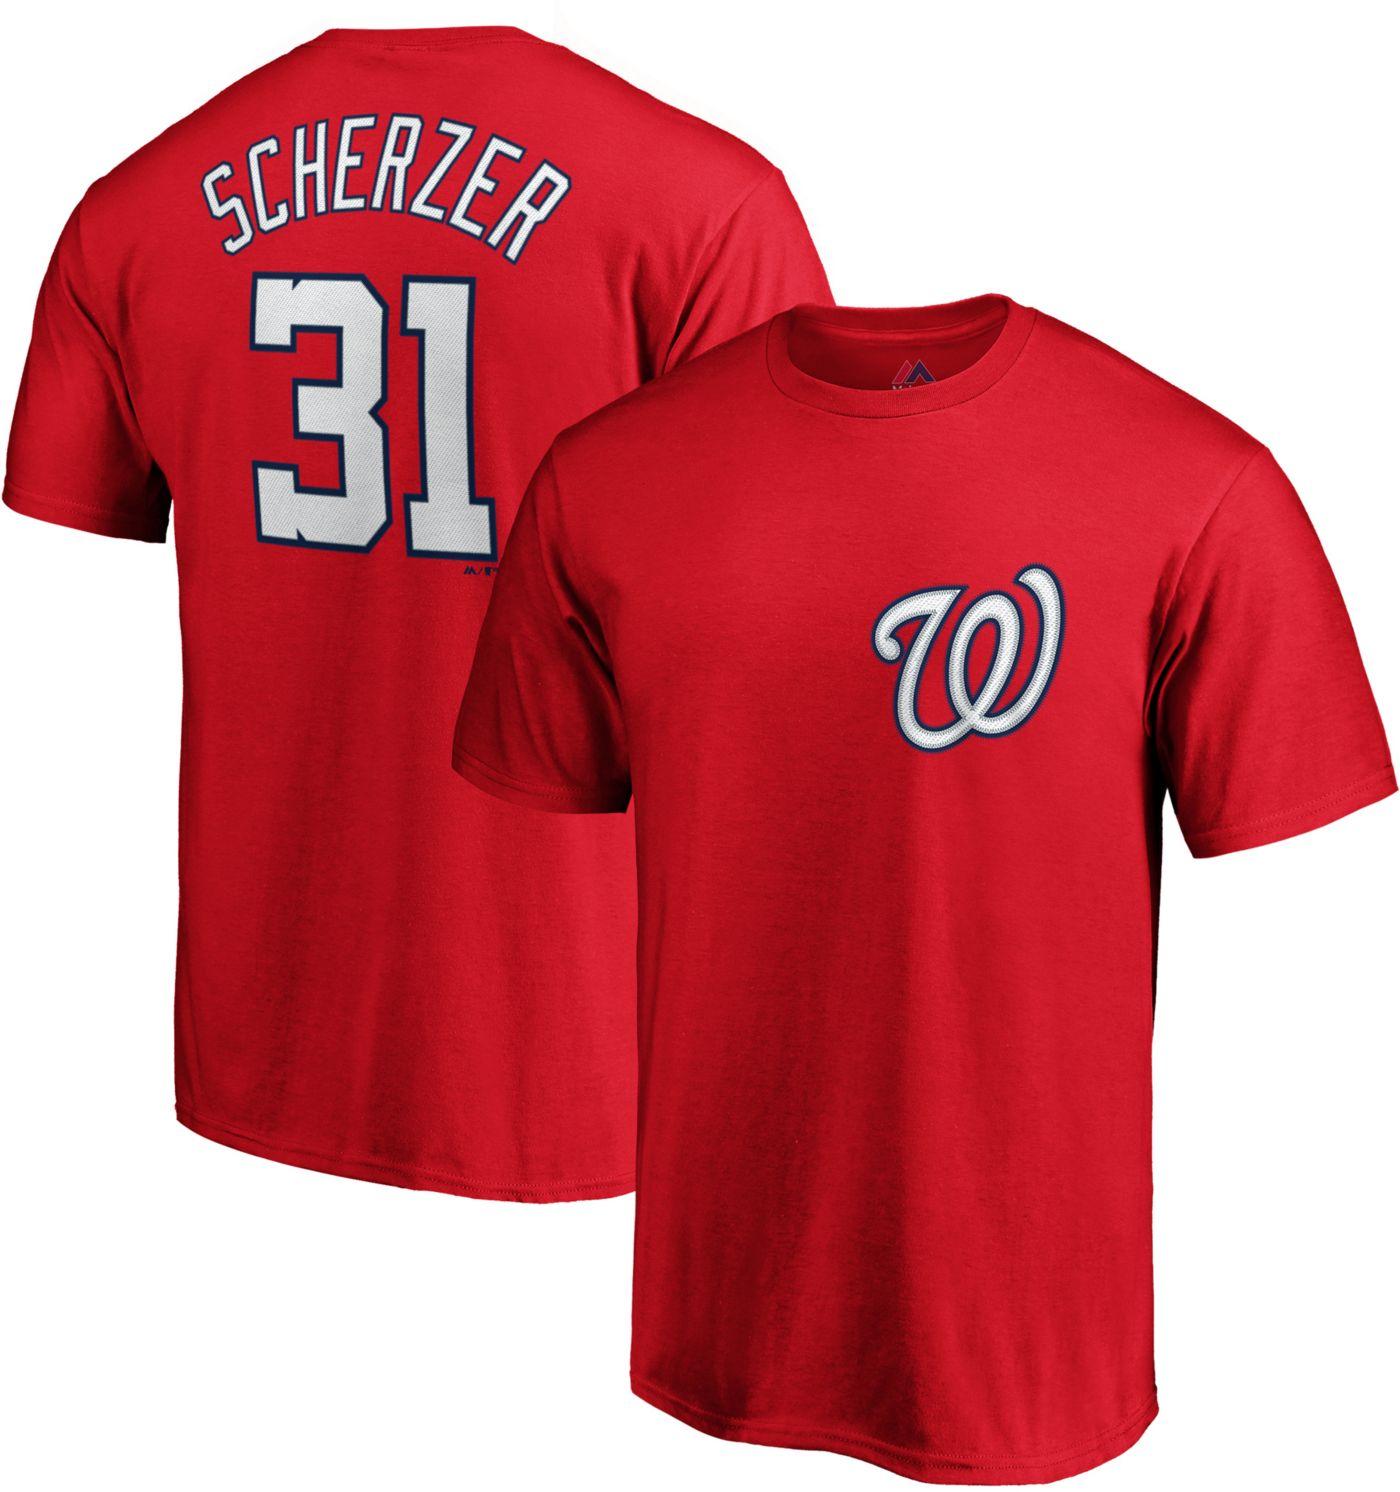 Majestic Men's Washington Nationals Max Scherzer #31 Red T-Shirt